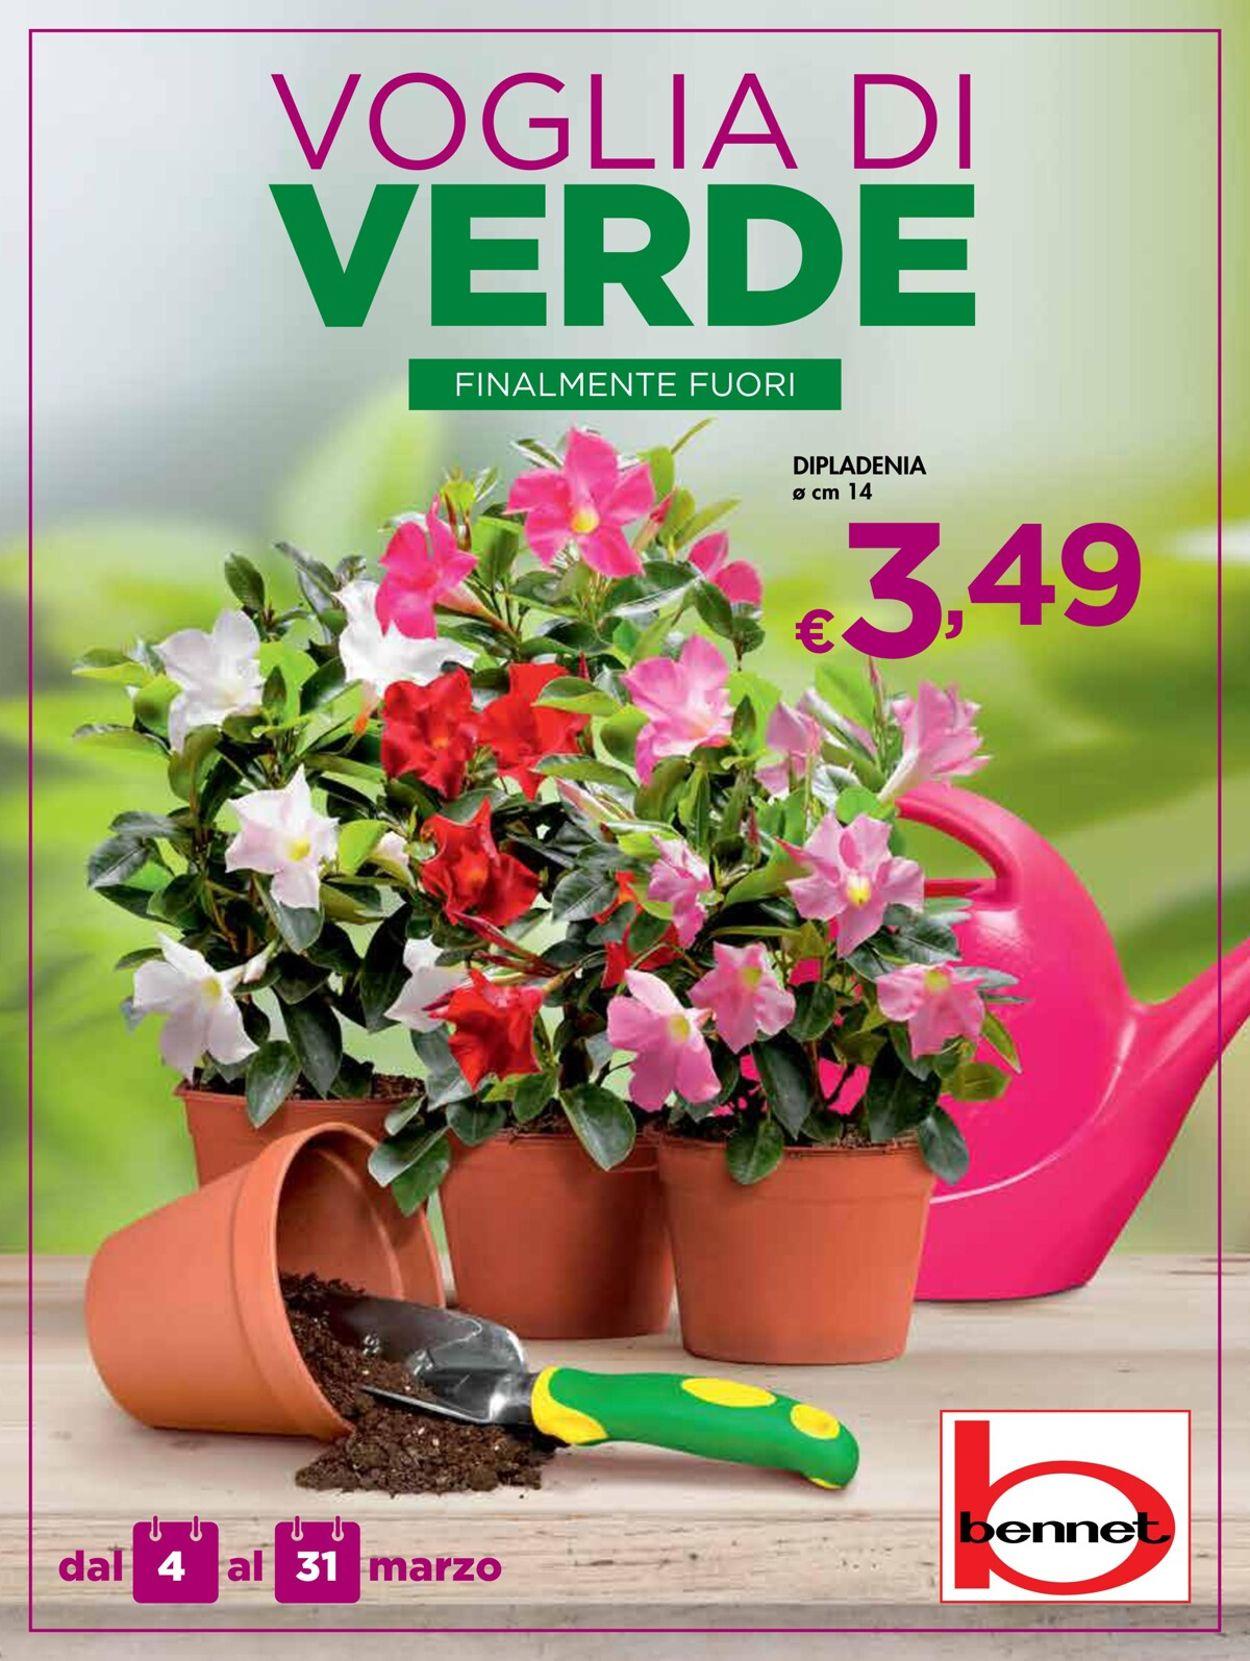 Volantino bennet - Offerte 04/03-31/03/2021